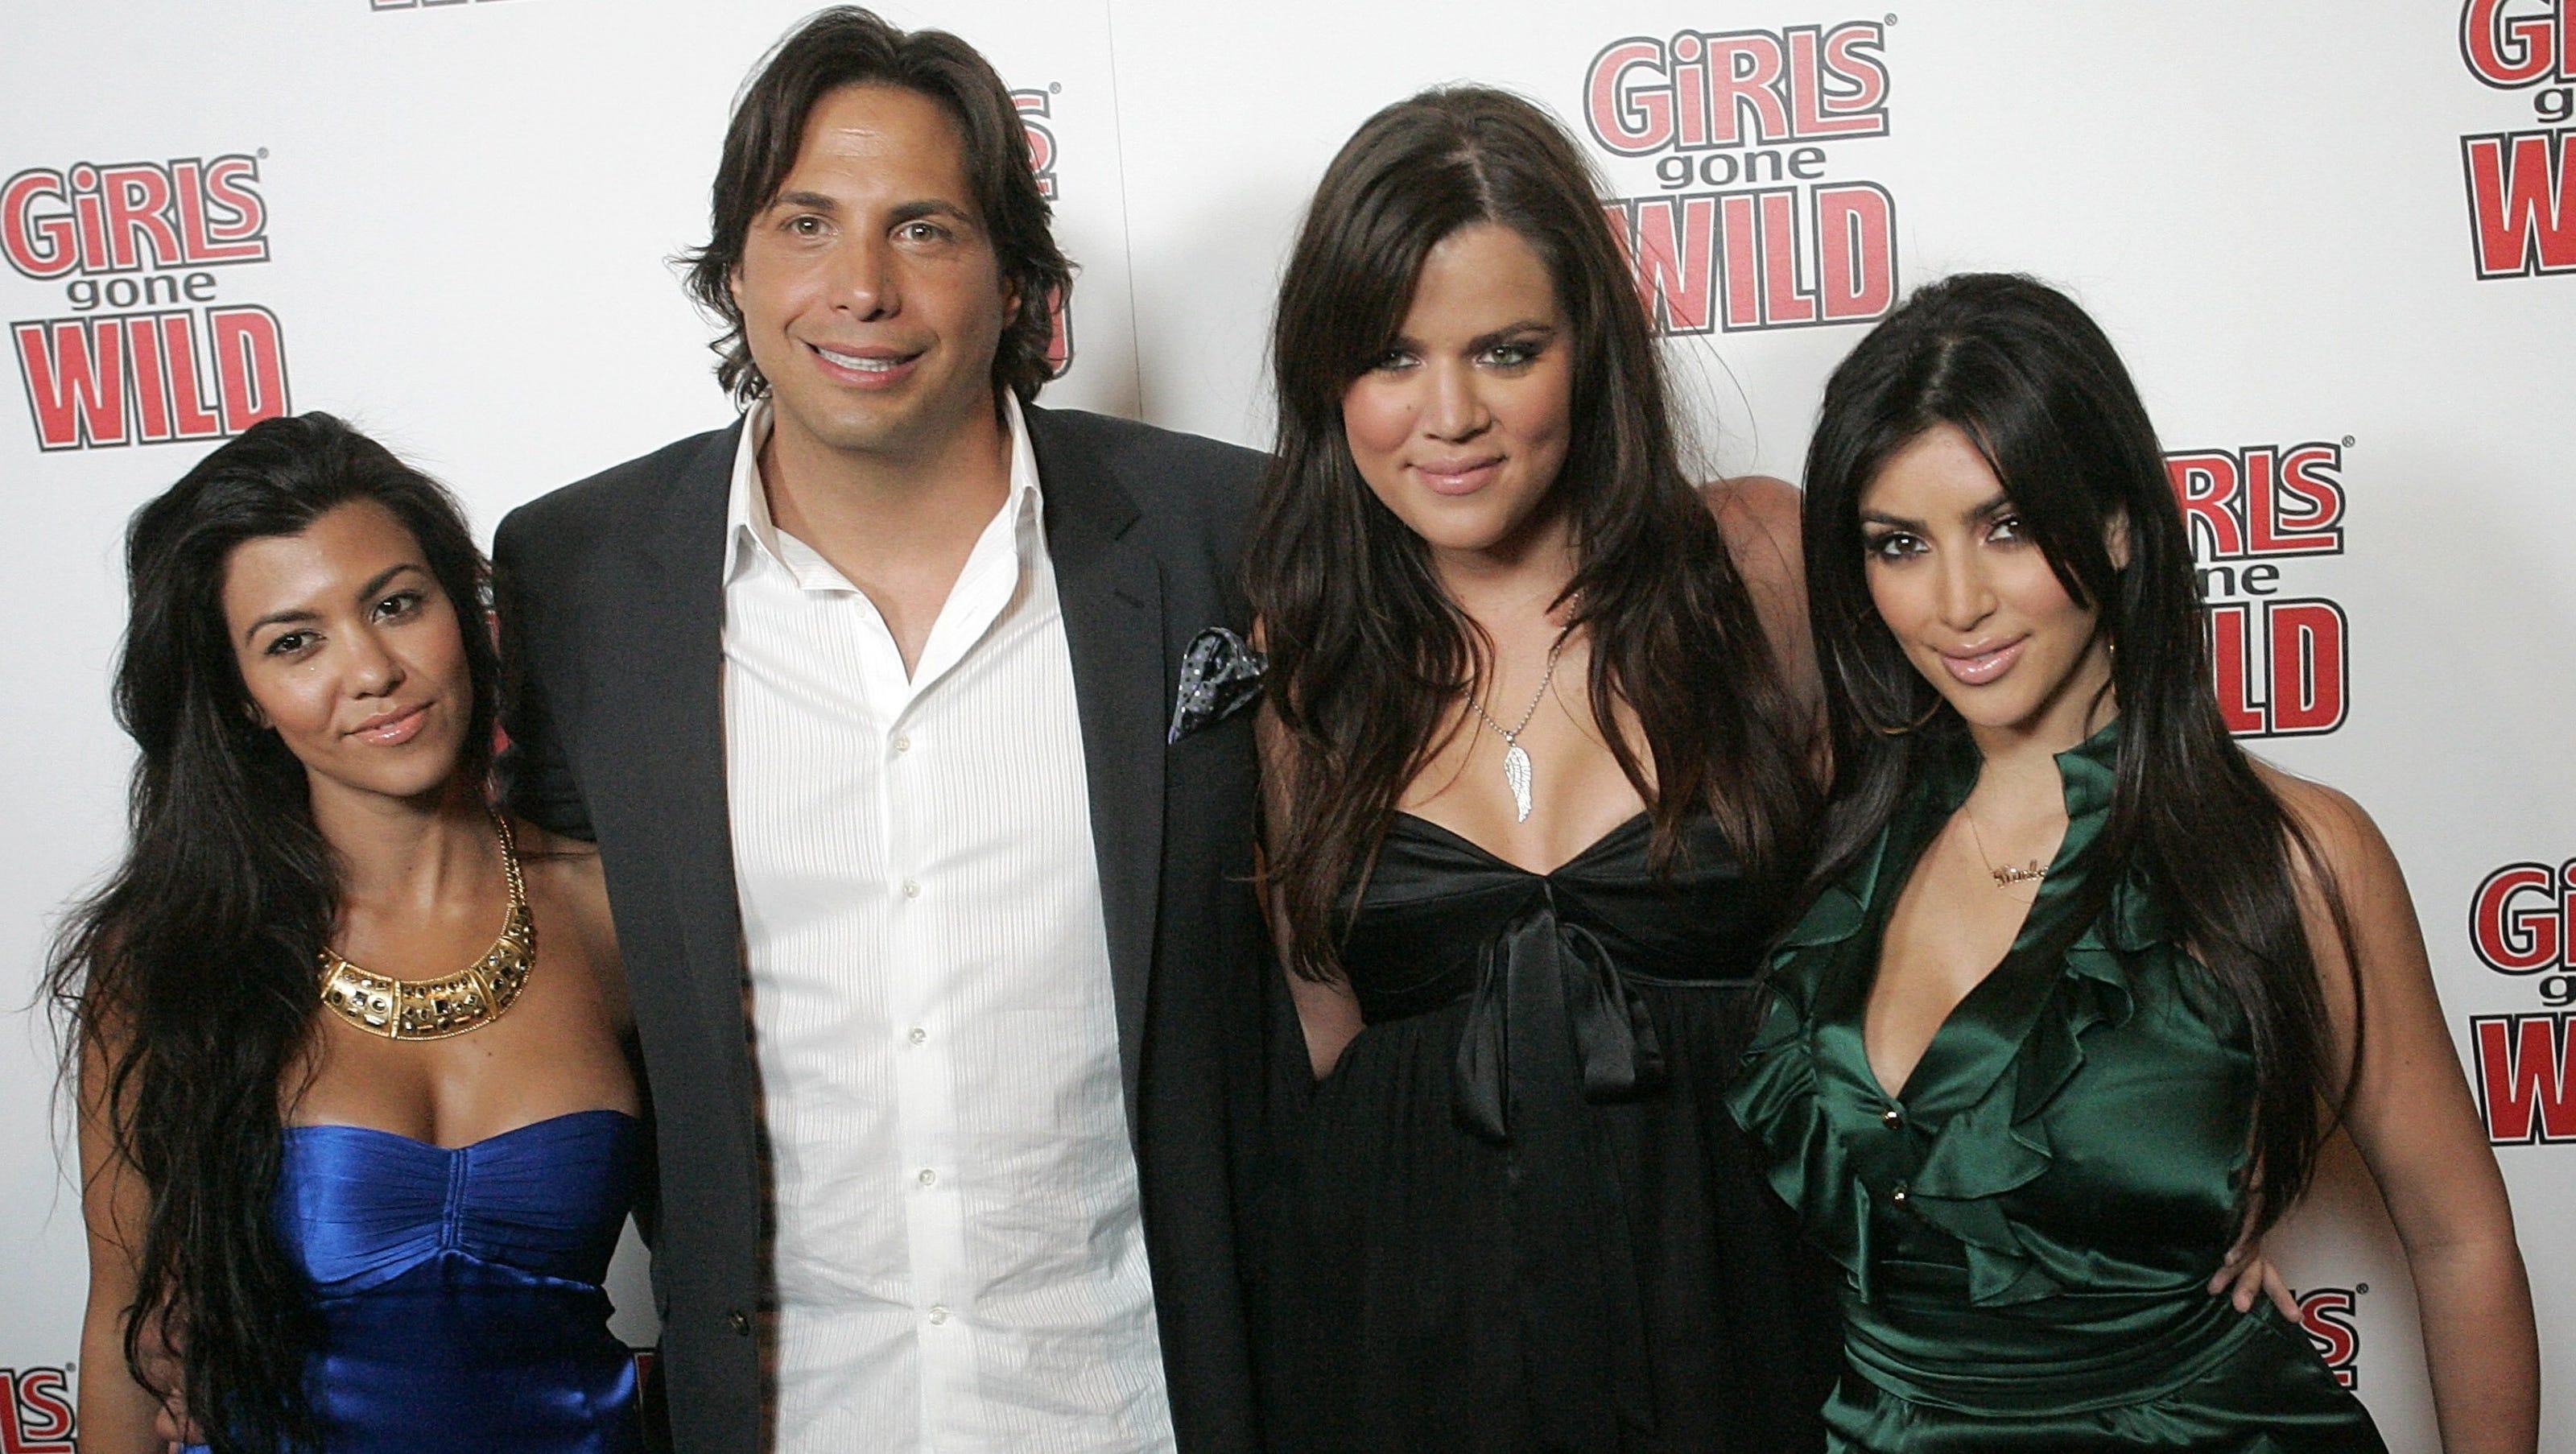 Girls Gone Wild Goes Bankrupt To Dodge Legal Awards